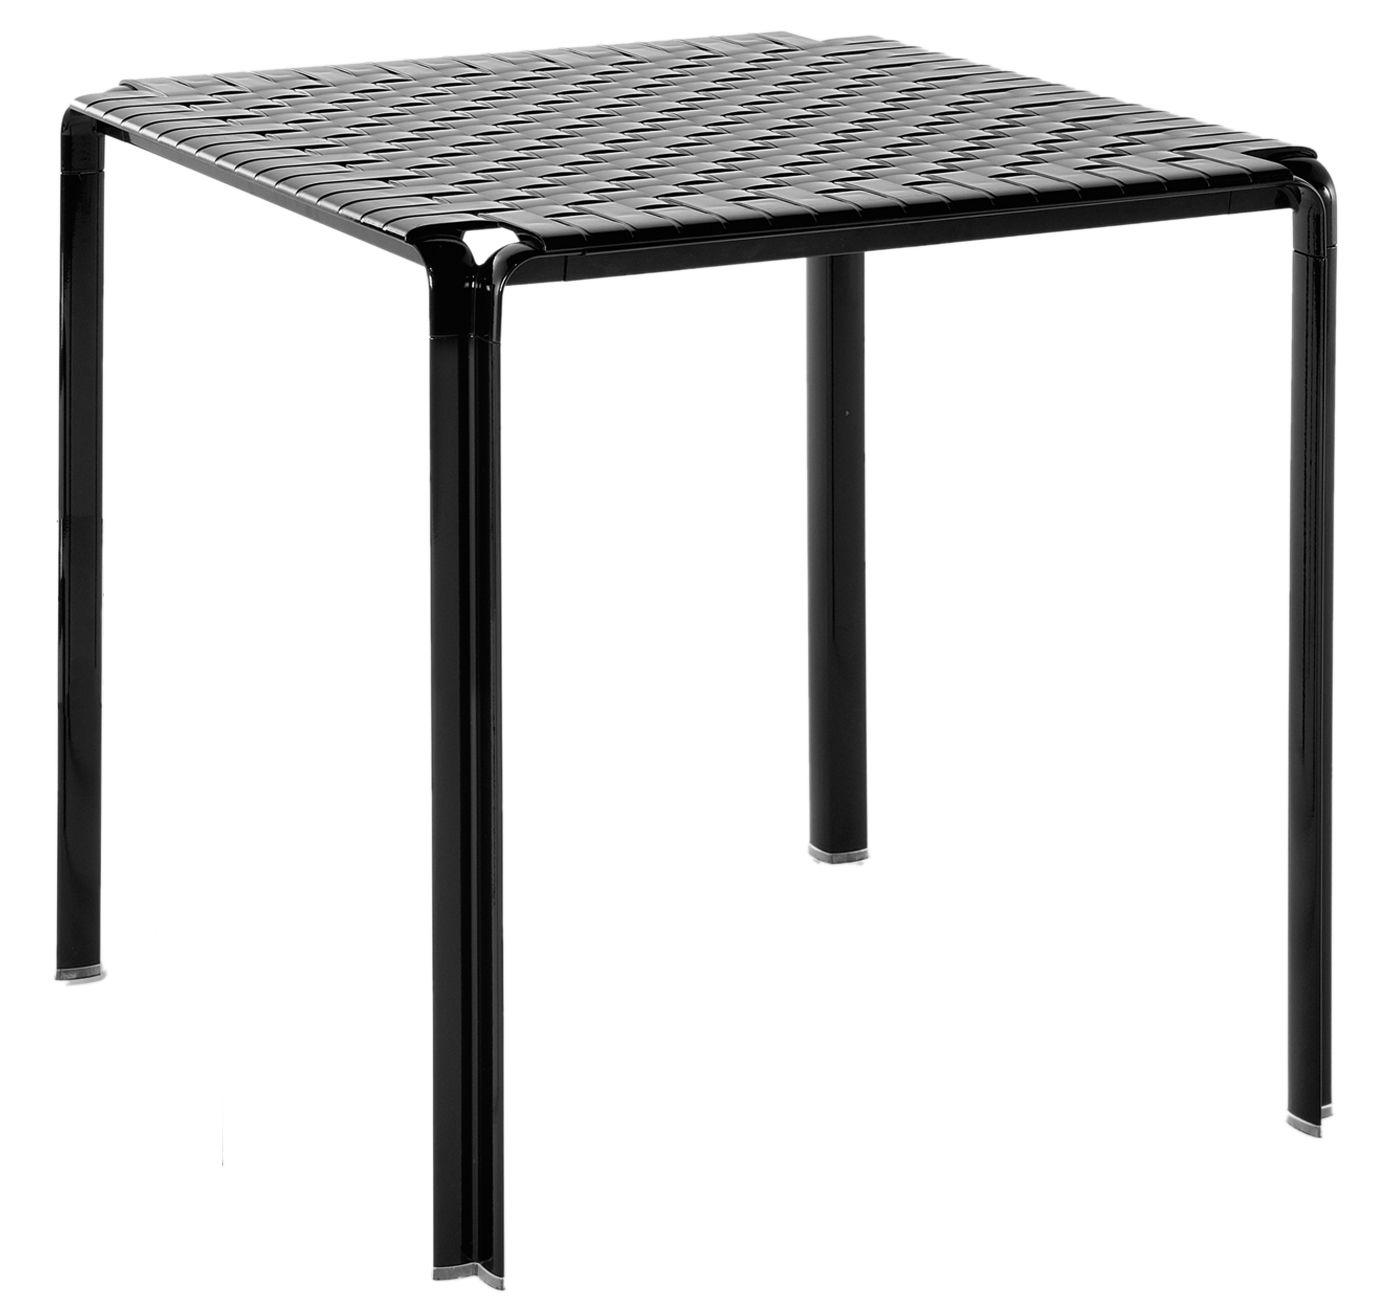 Outdoor - Tavoli  - Tavolo quadrato Ami Ami di Kartell - Nero lucido - Alluminio, policarbonato